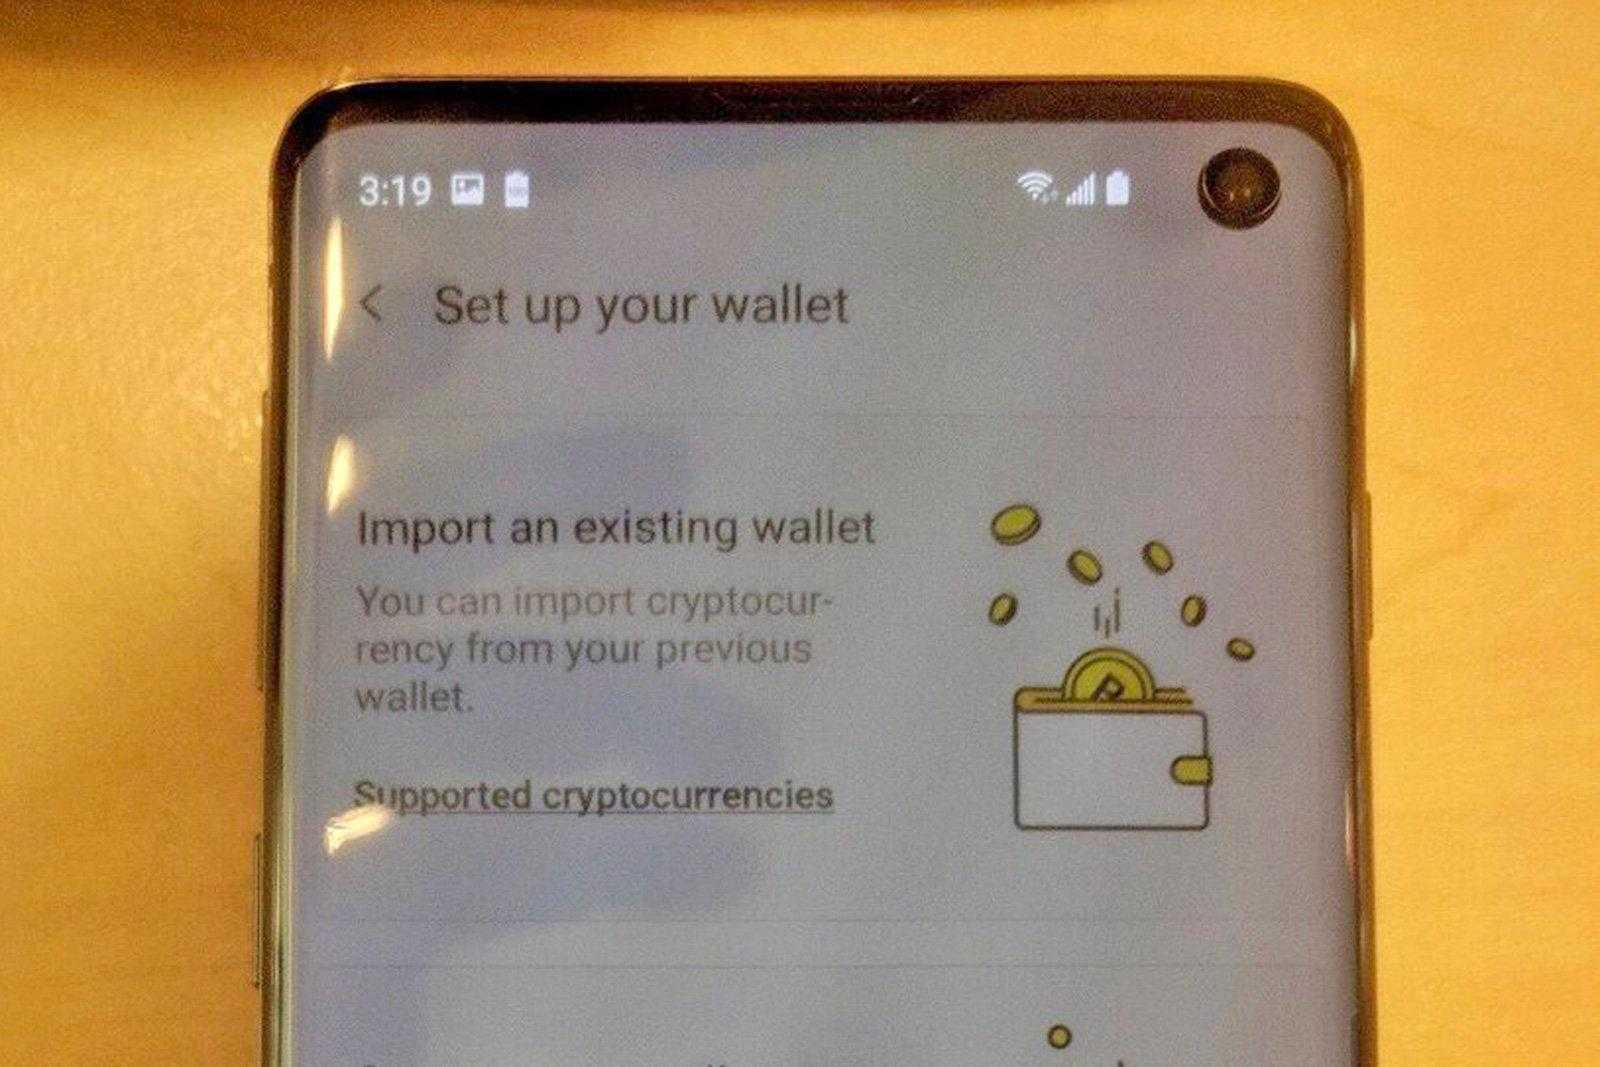 Cлив: в Samsung Galaxy S10 будет криптовалютный кошелёк (dims 4)